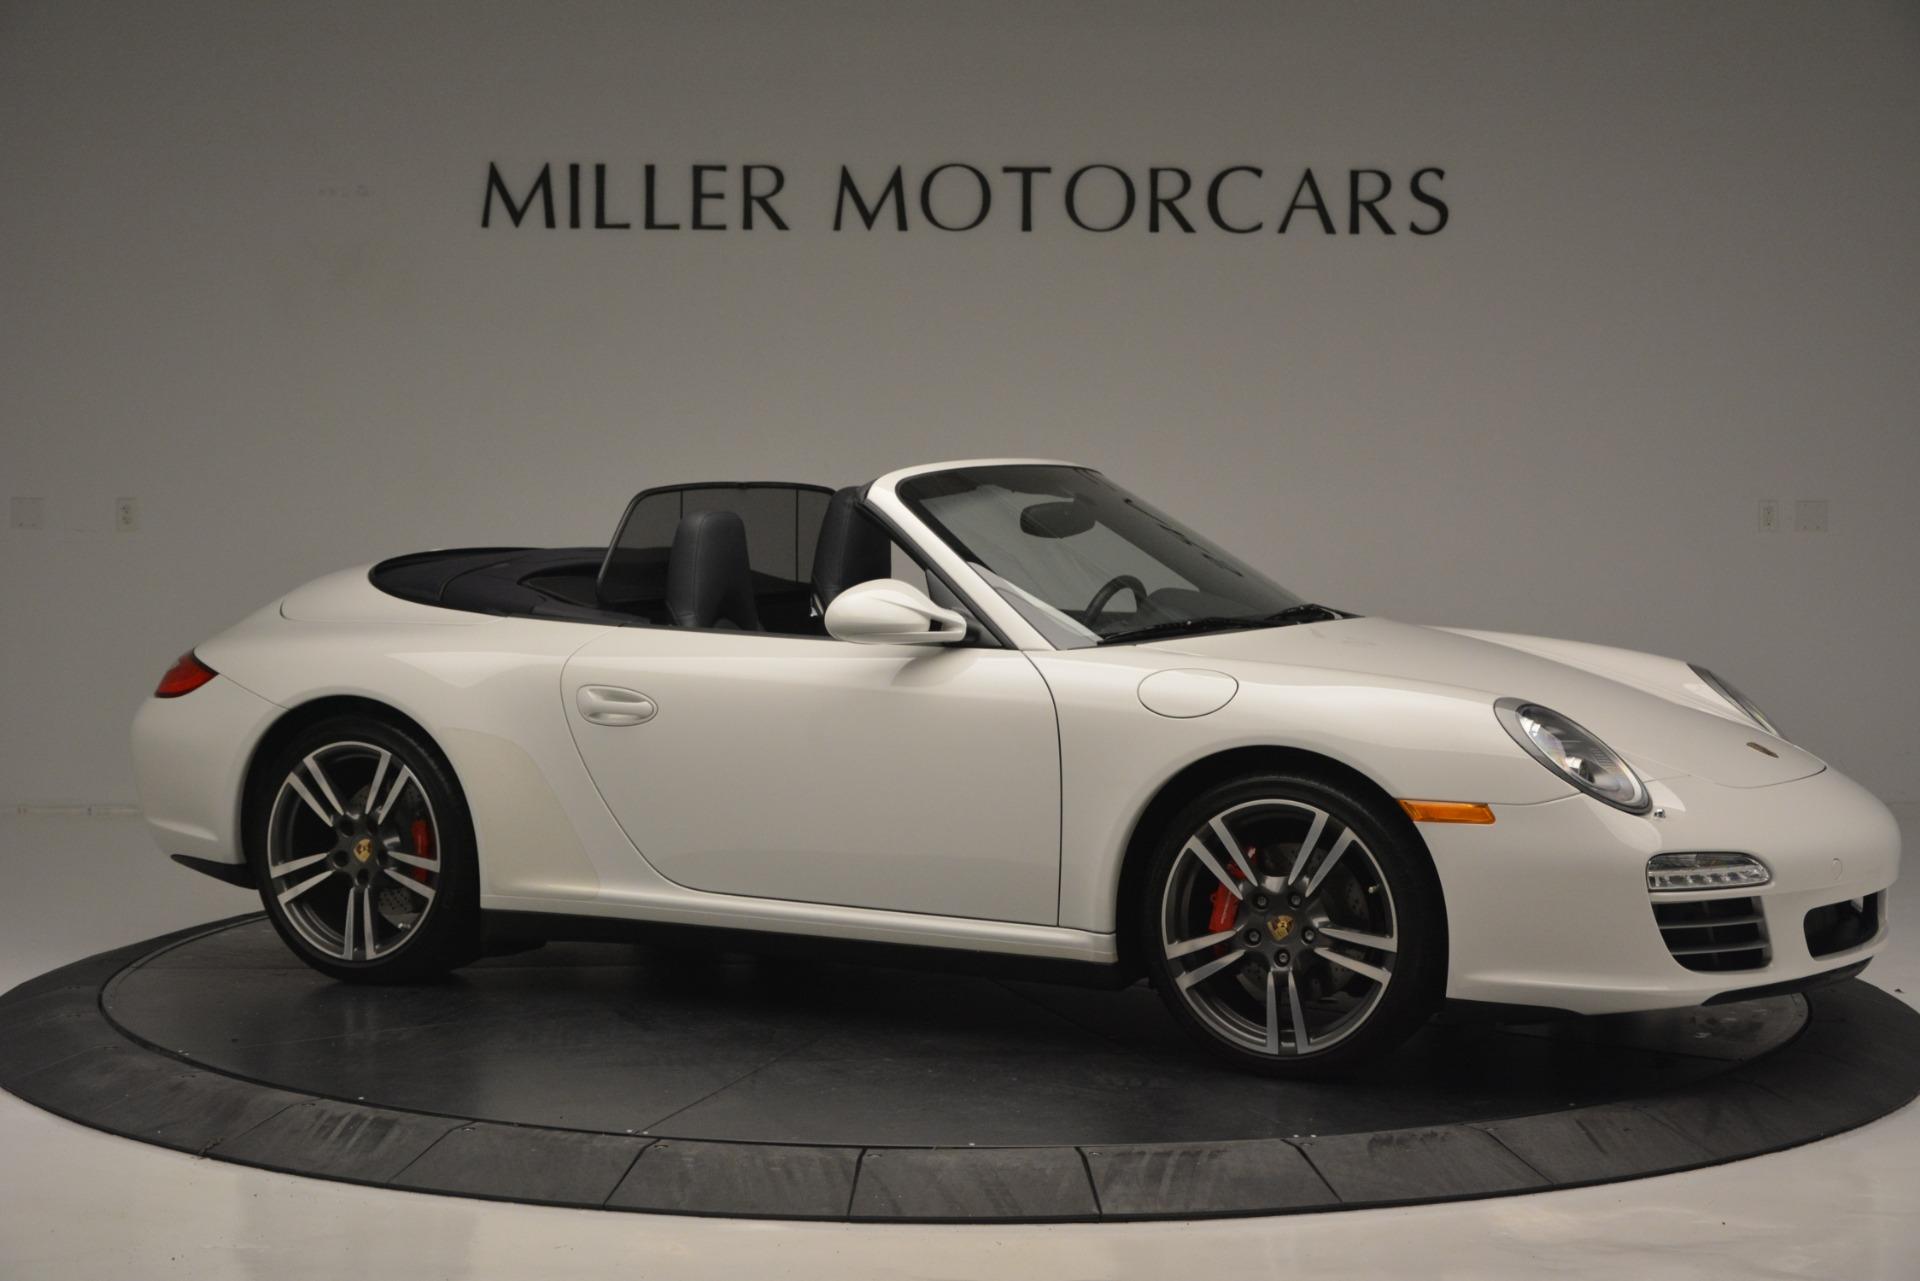 Used 2011 Porsche 911 Carrera 4S For Sale In Greenwich, CT 2600_p11